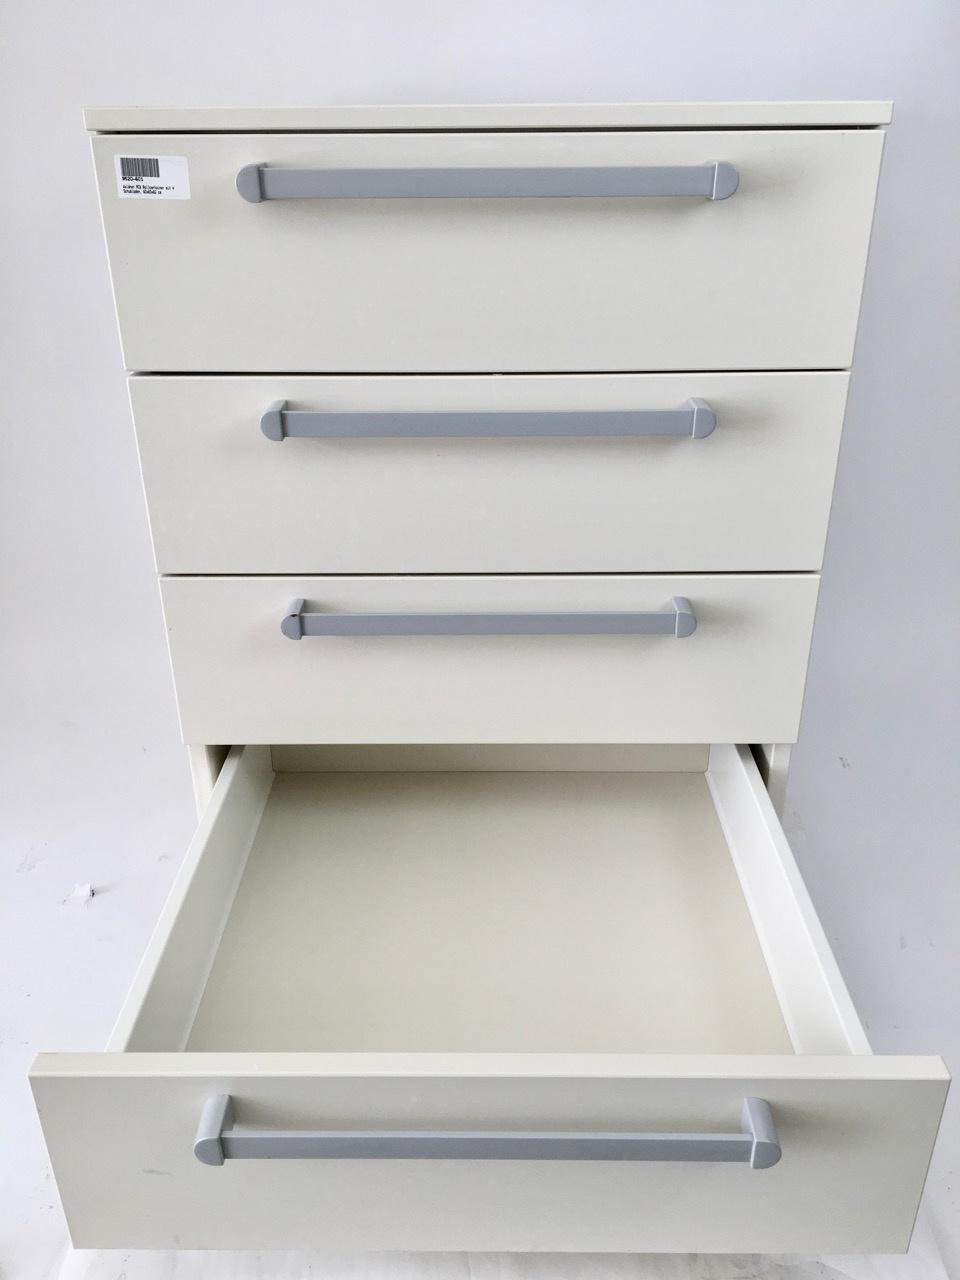 Waldner Waldner MC6 Rollschrank, 4 Schubladen, 60 cm breit, 82cm hoch